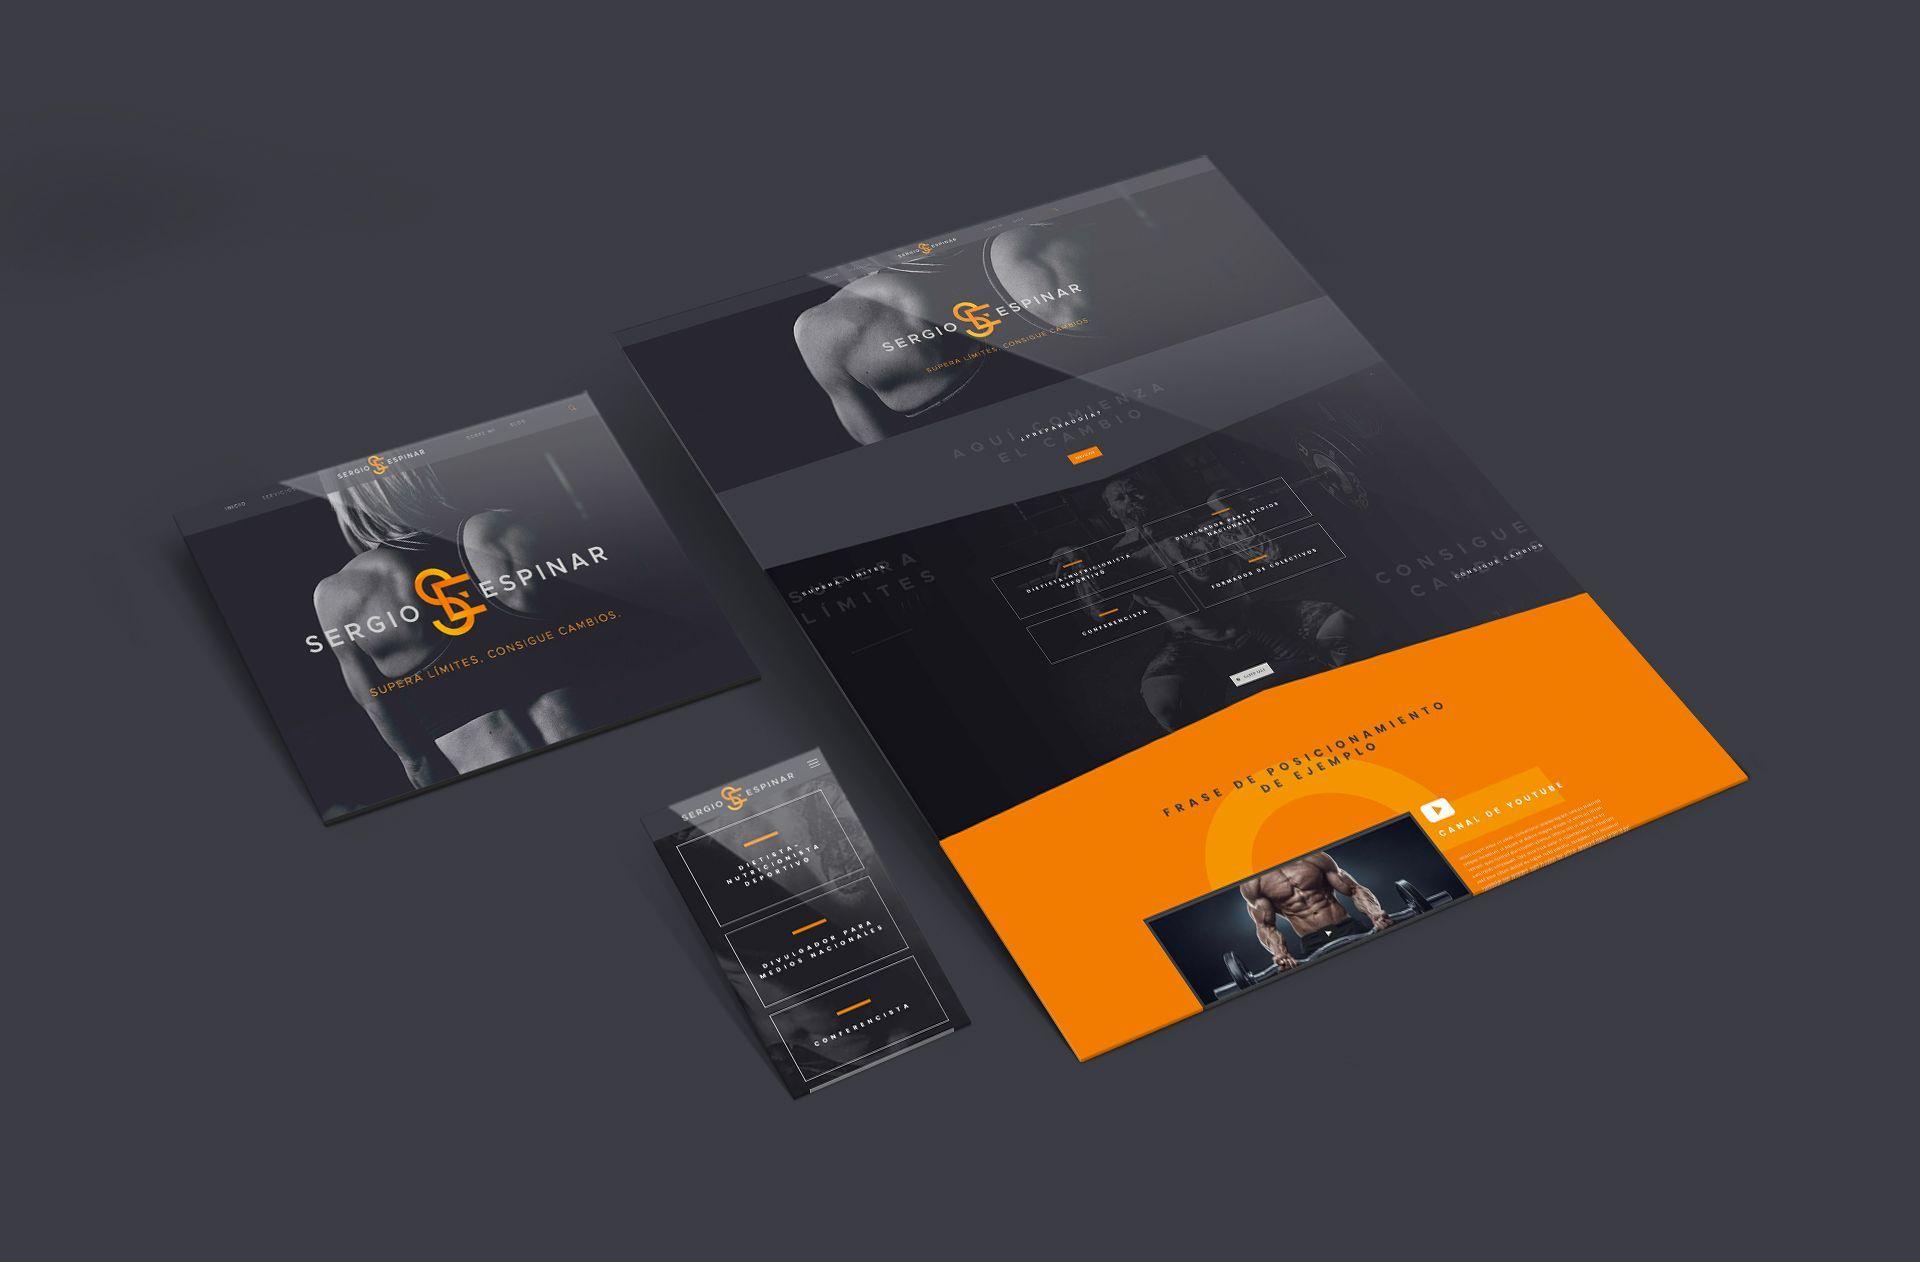 Diseño web responsive para Sergio Espinar, nutricionista deportivo